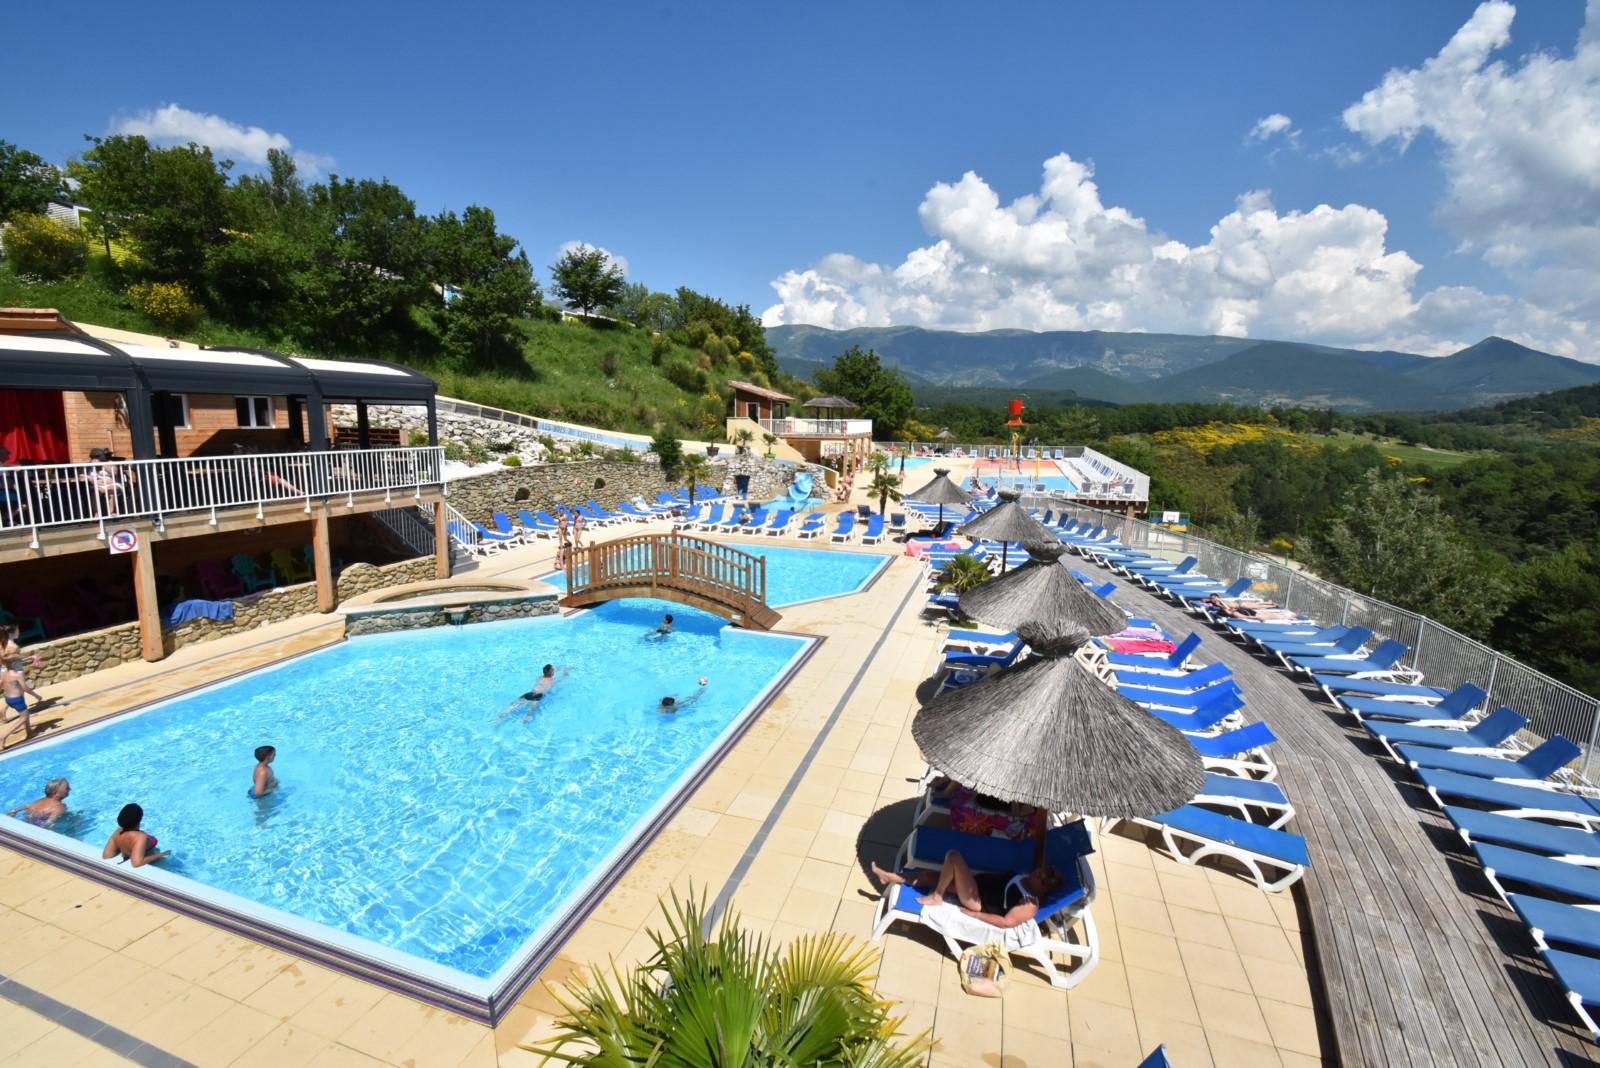 Hotellerie de plein air et aires de campings car site de l 39 office de tourisme du pays de - Office tourisme dieulefit ...